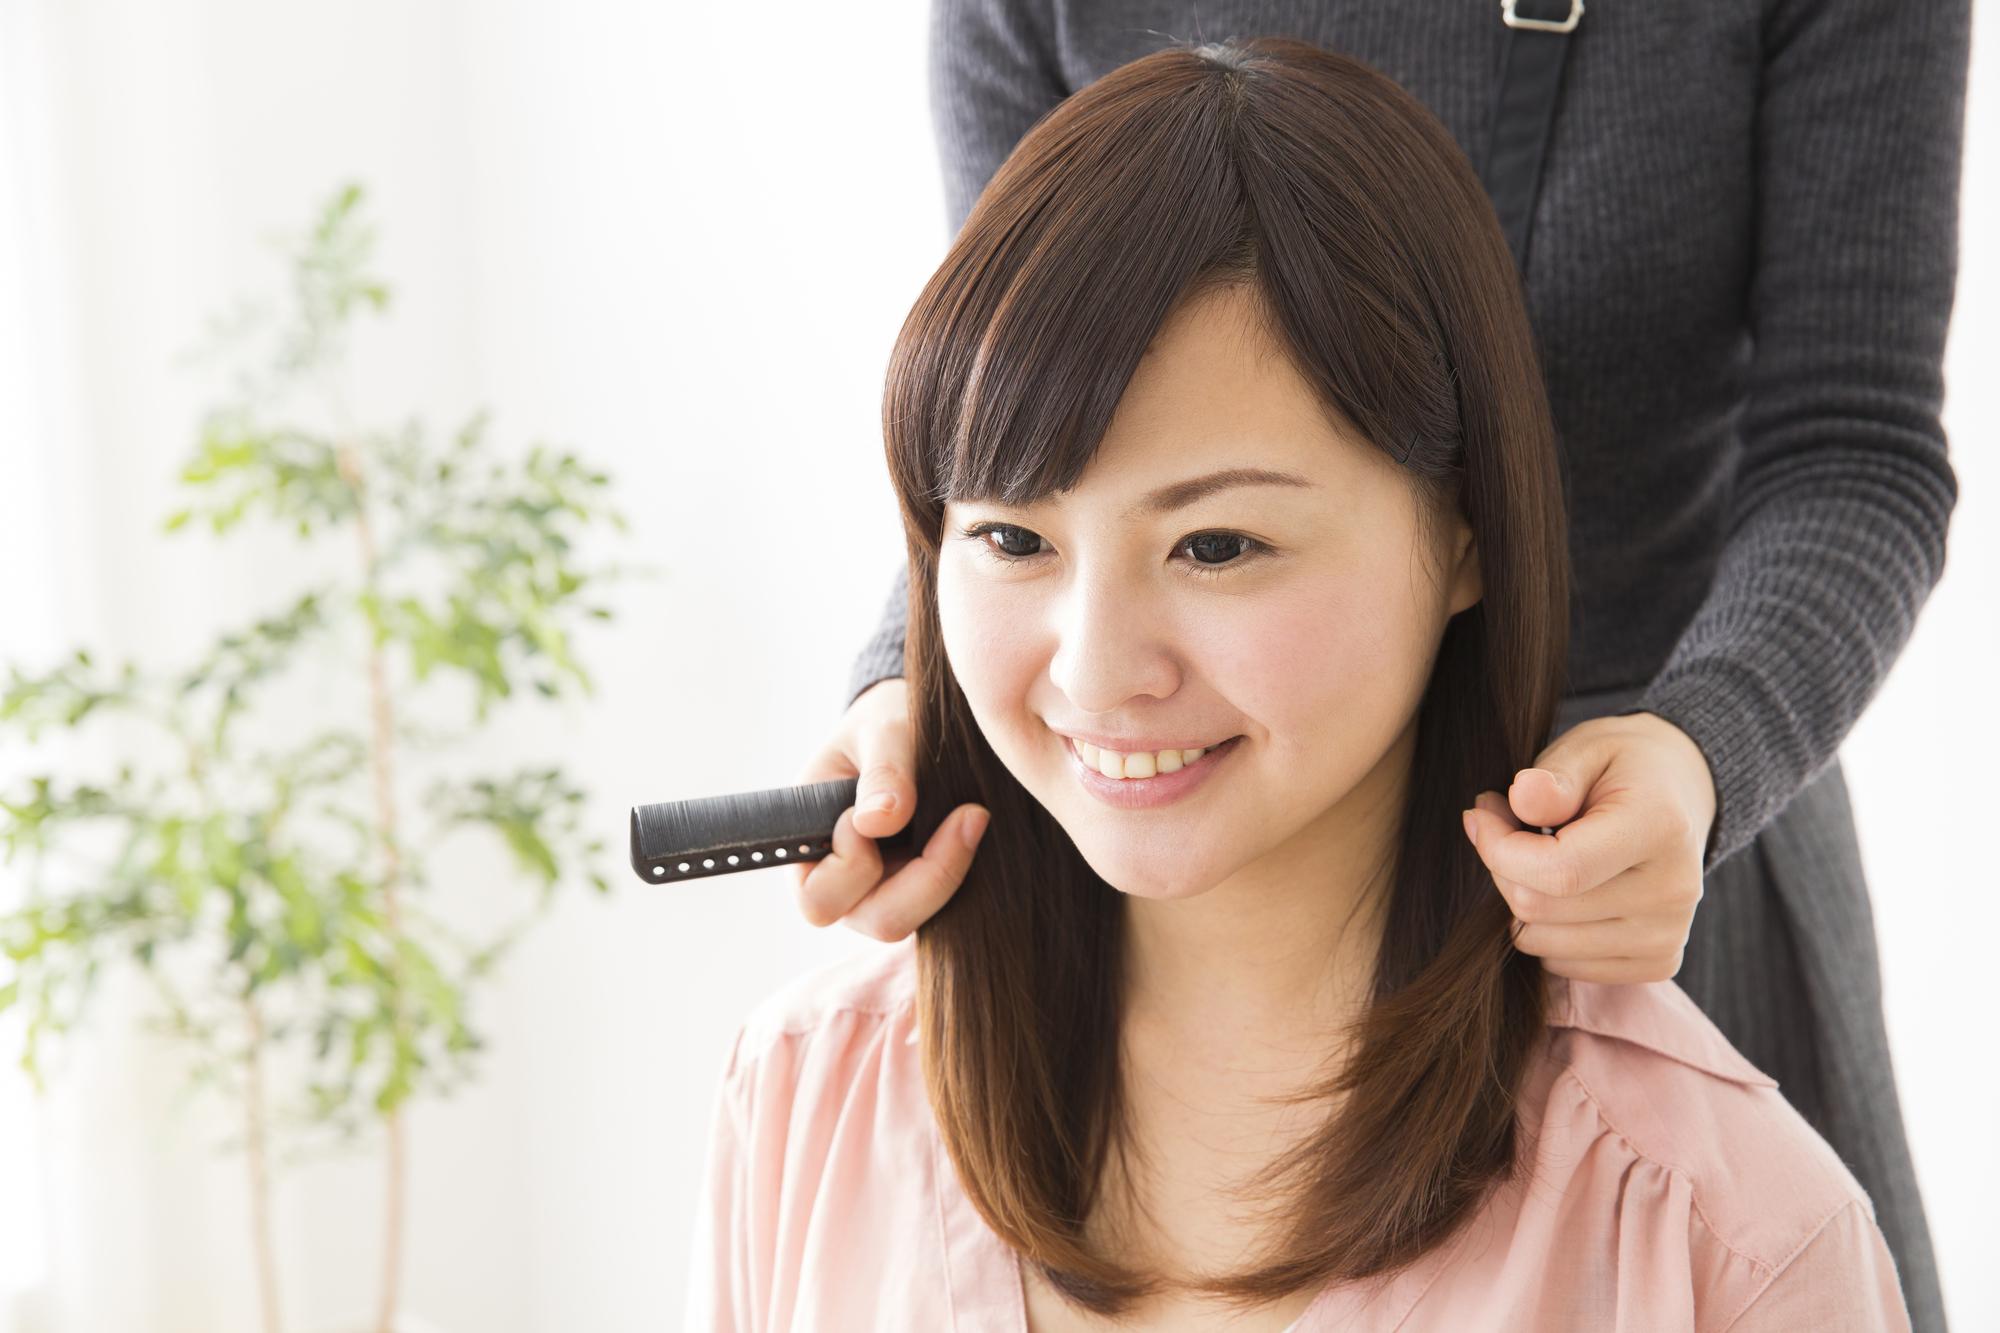 髪の毛をセットしてもらう女性